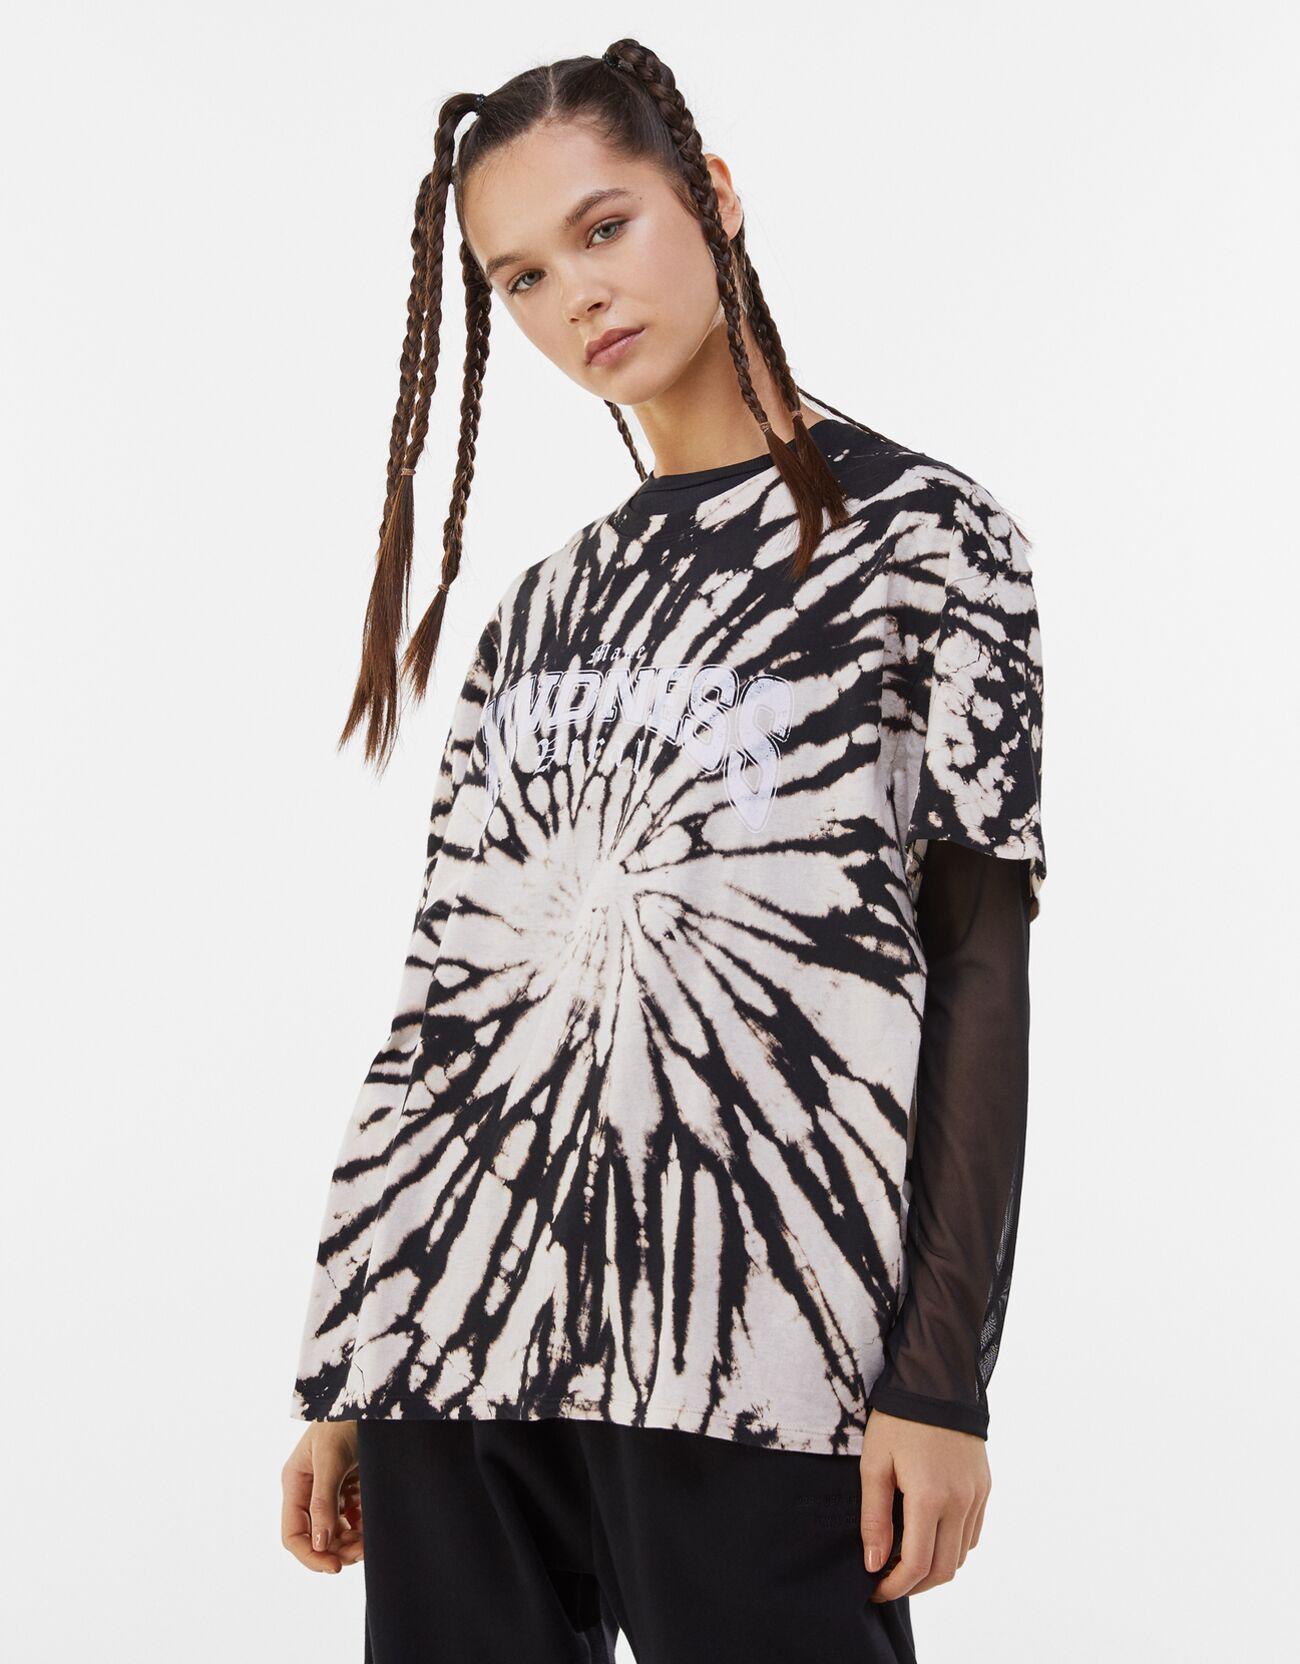 Camiseta tie-dye con efecto desteñido